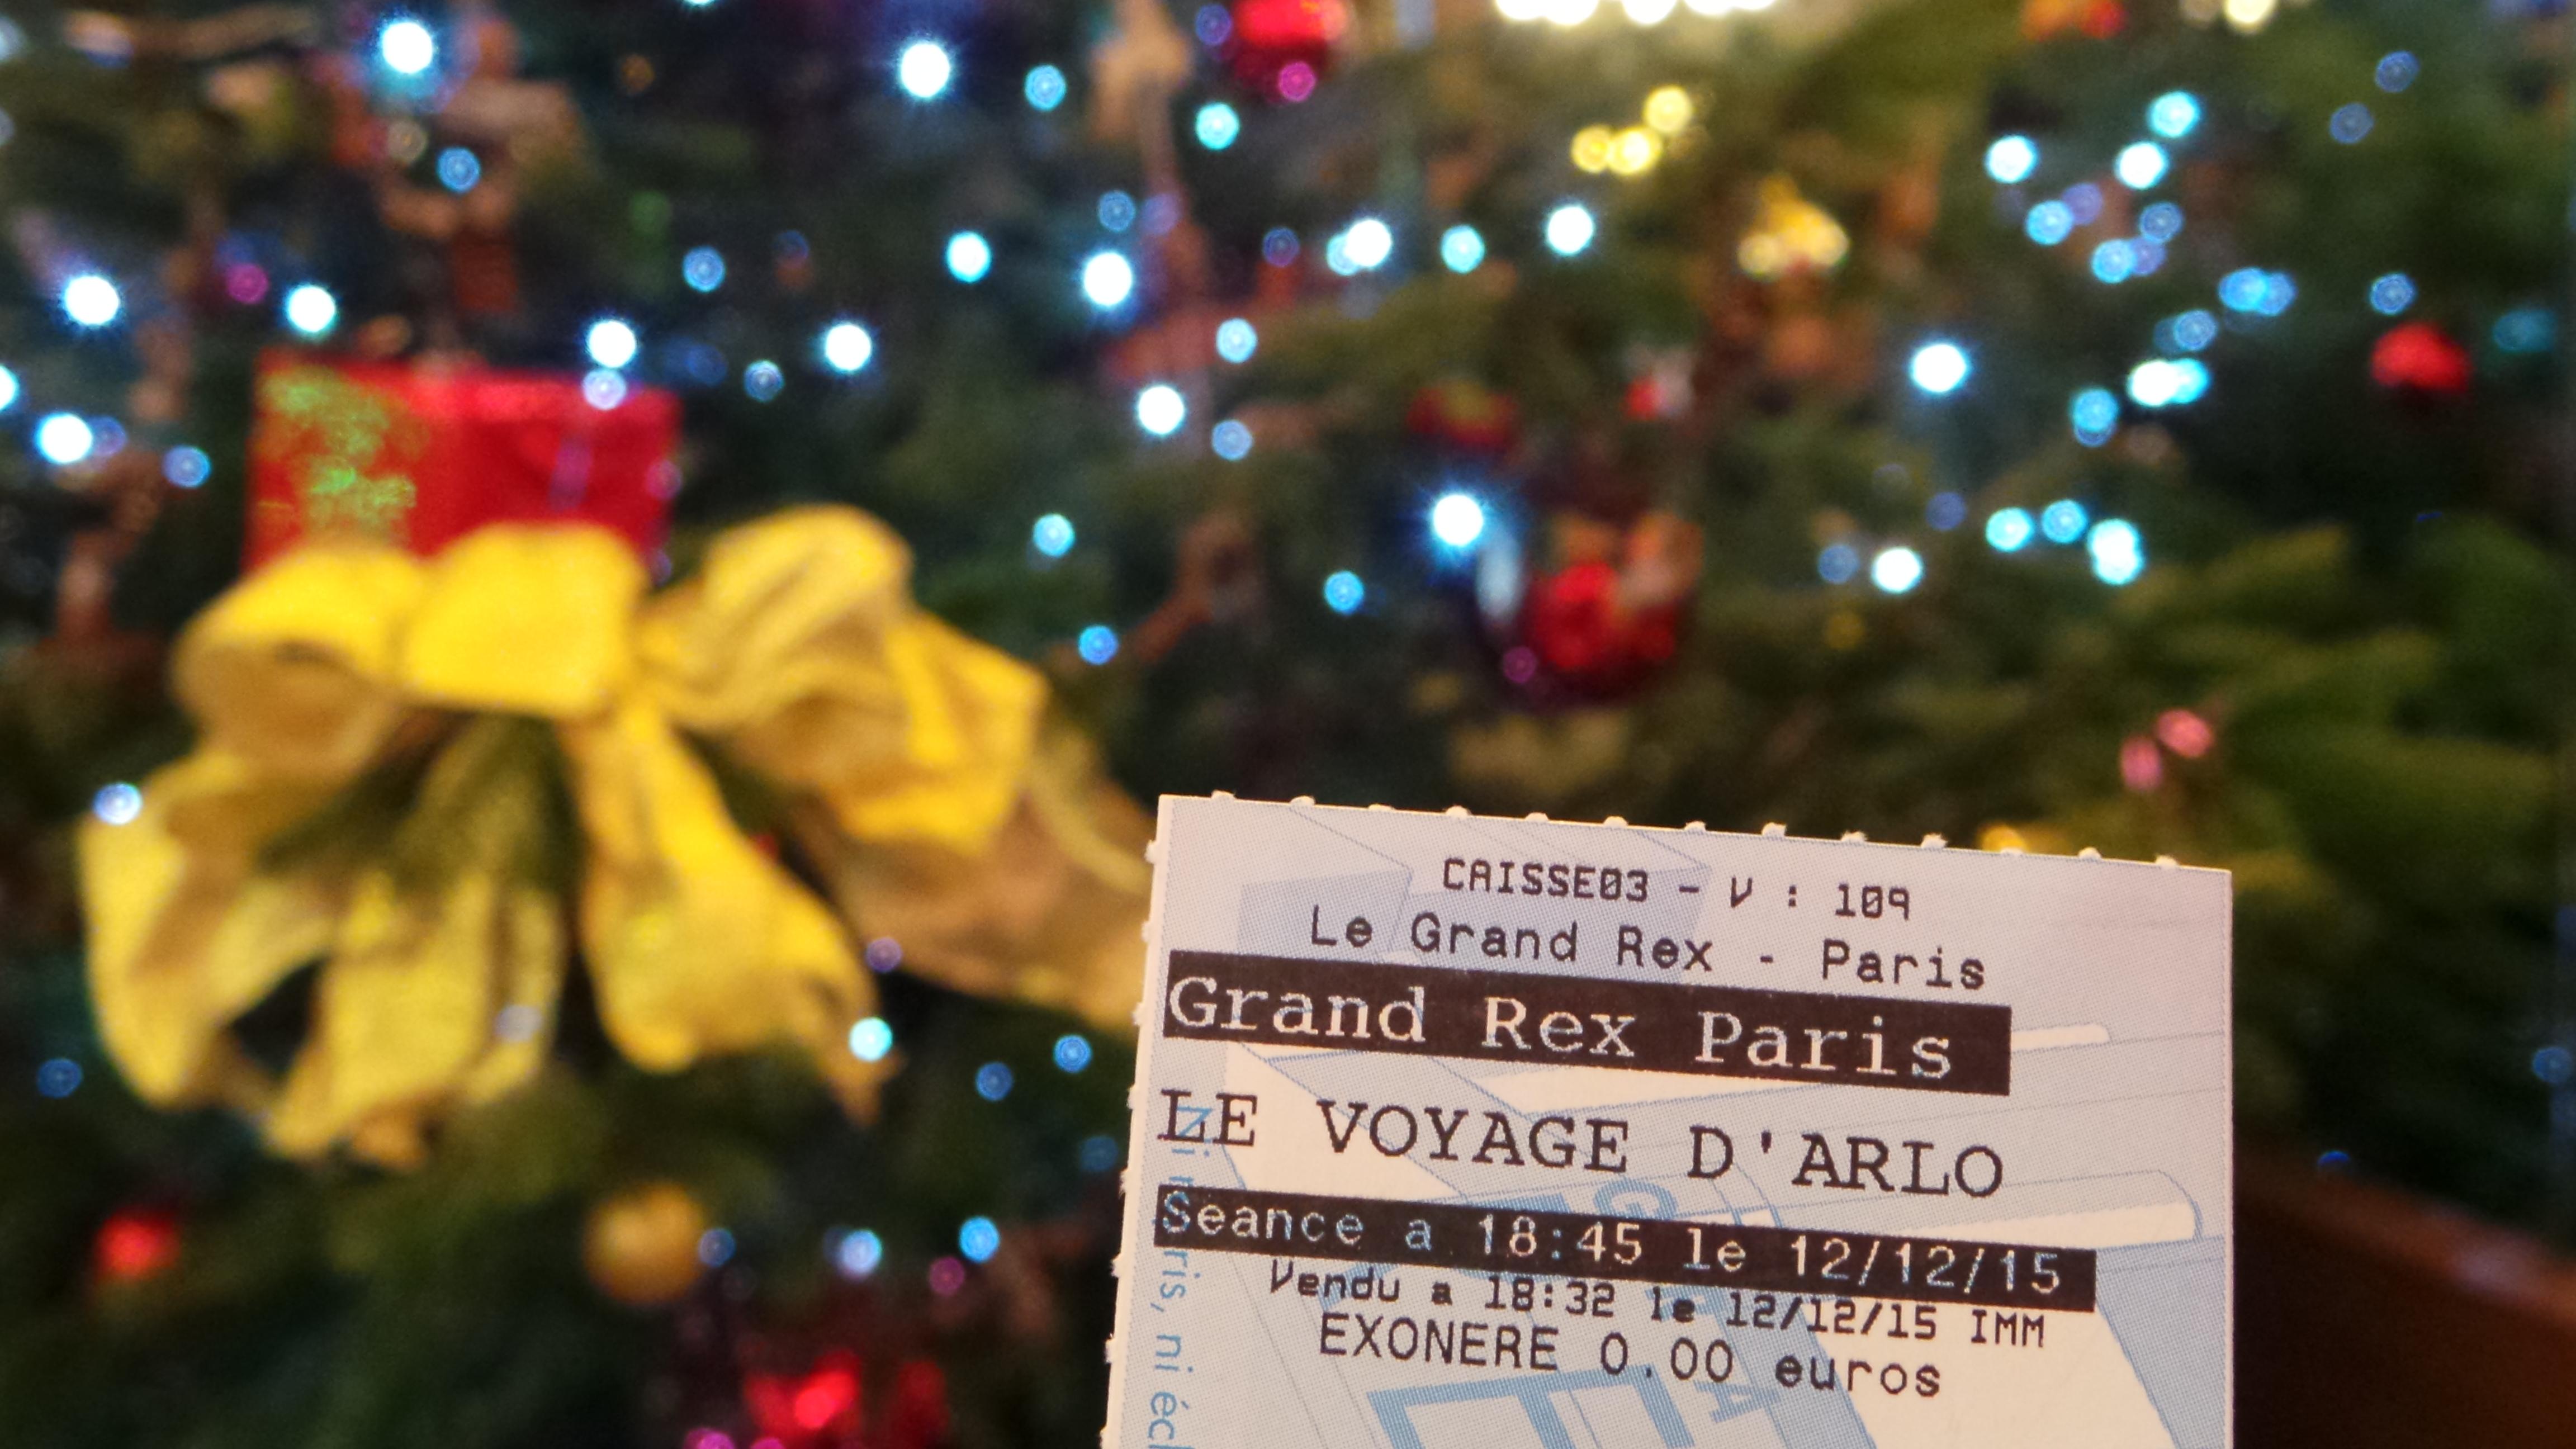 LA FÉÉRIE DES EAUX Le Grand Rex 2015 LE VOYAGE D'ARLO - 20151212_184210